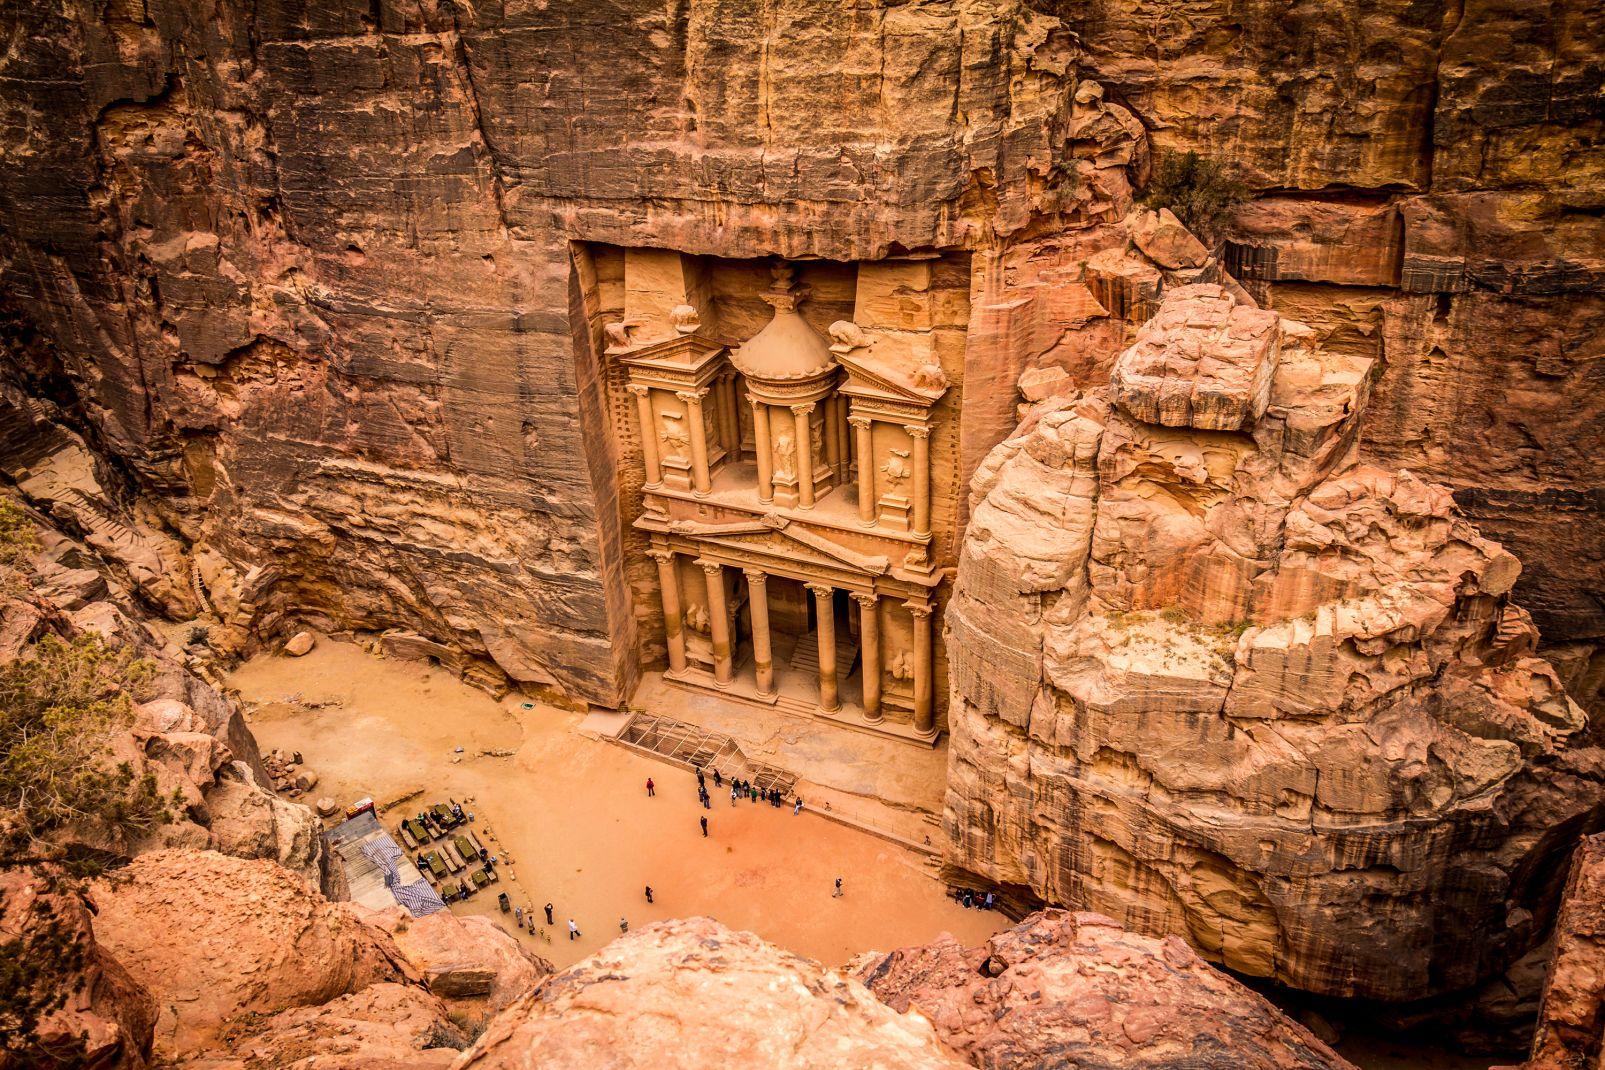 Jordanie, moyen-orient, désert, pétra, Khazneh, troglodyte